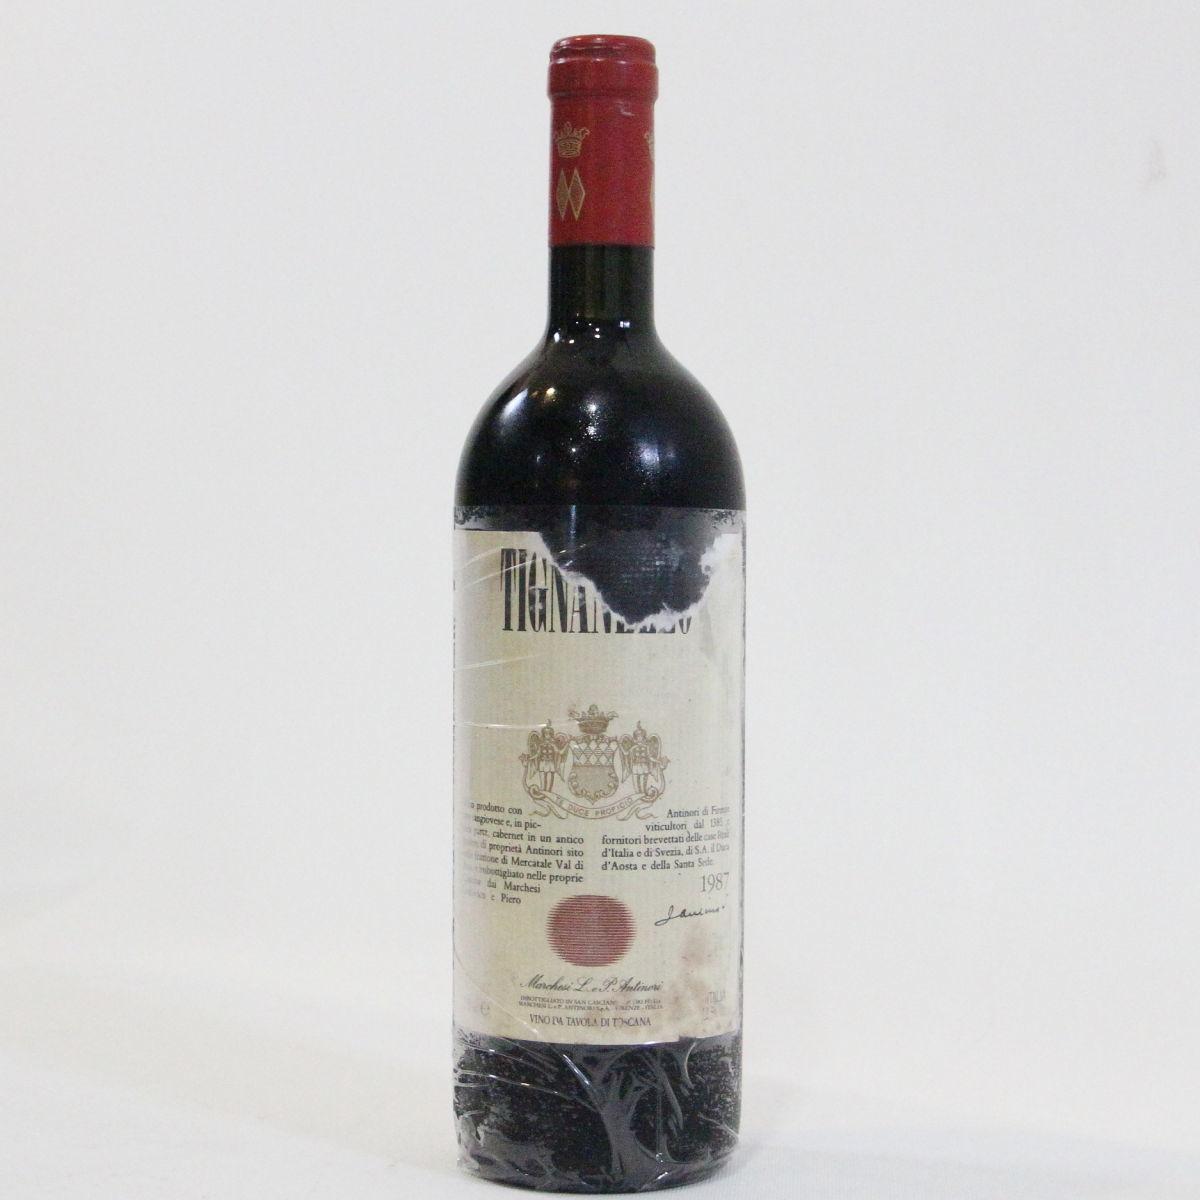 【1987年】ティニャネッロ アンティノーリ Tignanello Antinori イタリア トスカーナ サンジョヴェーゼ カベルネ 赤ワイン 750ml